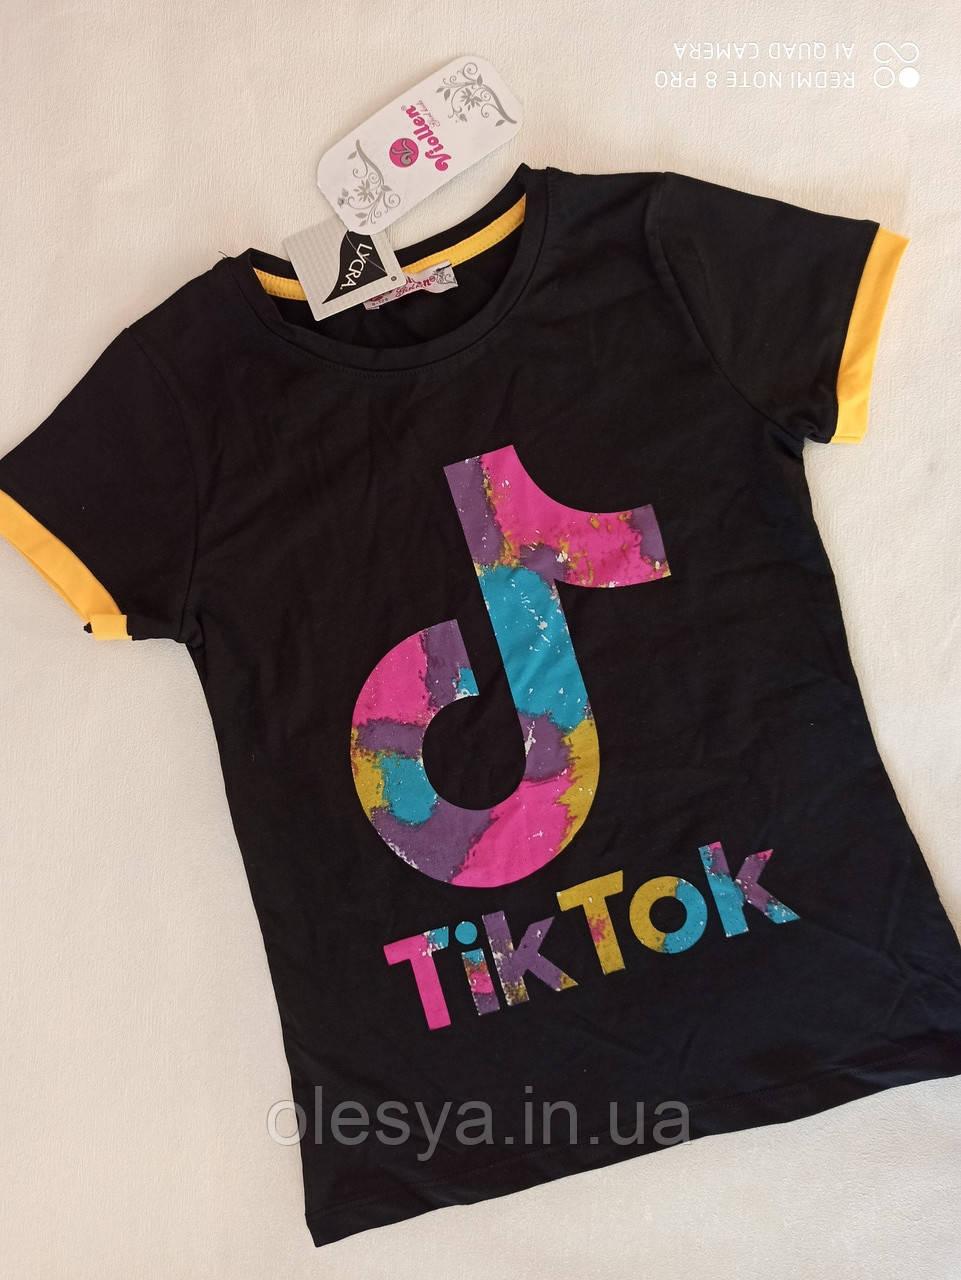 Трендовая футболка для подростков Размеры 6- 12 лет Турция